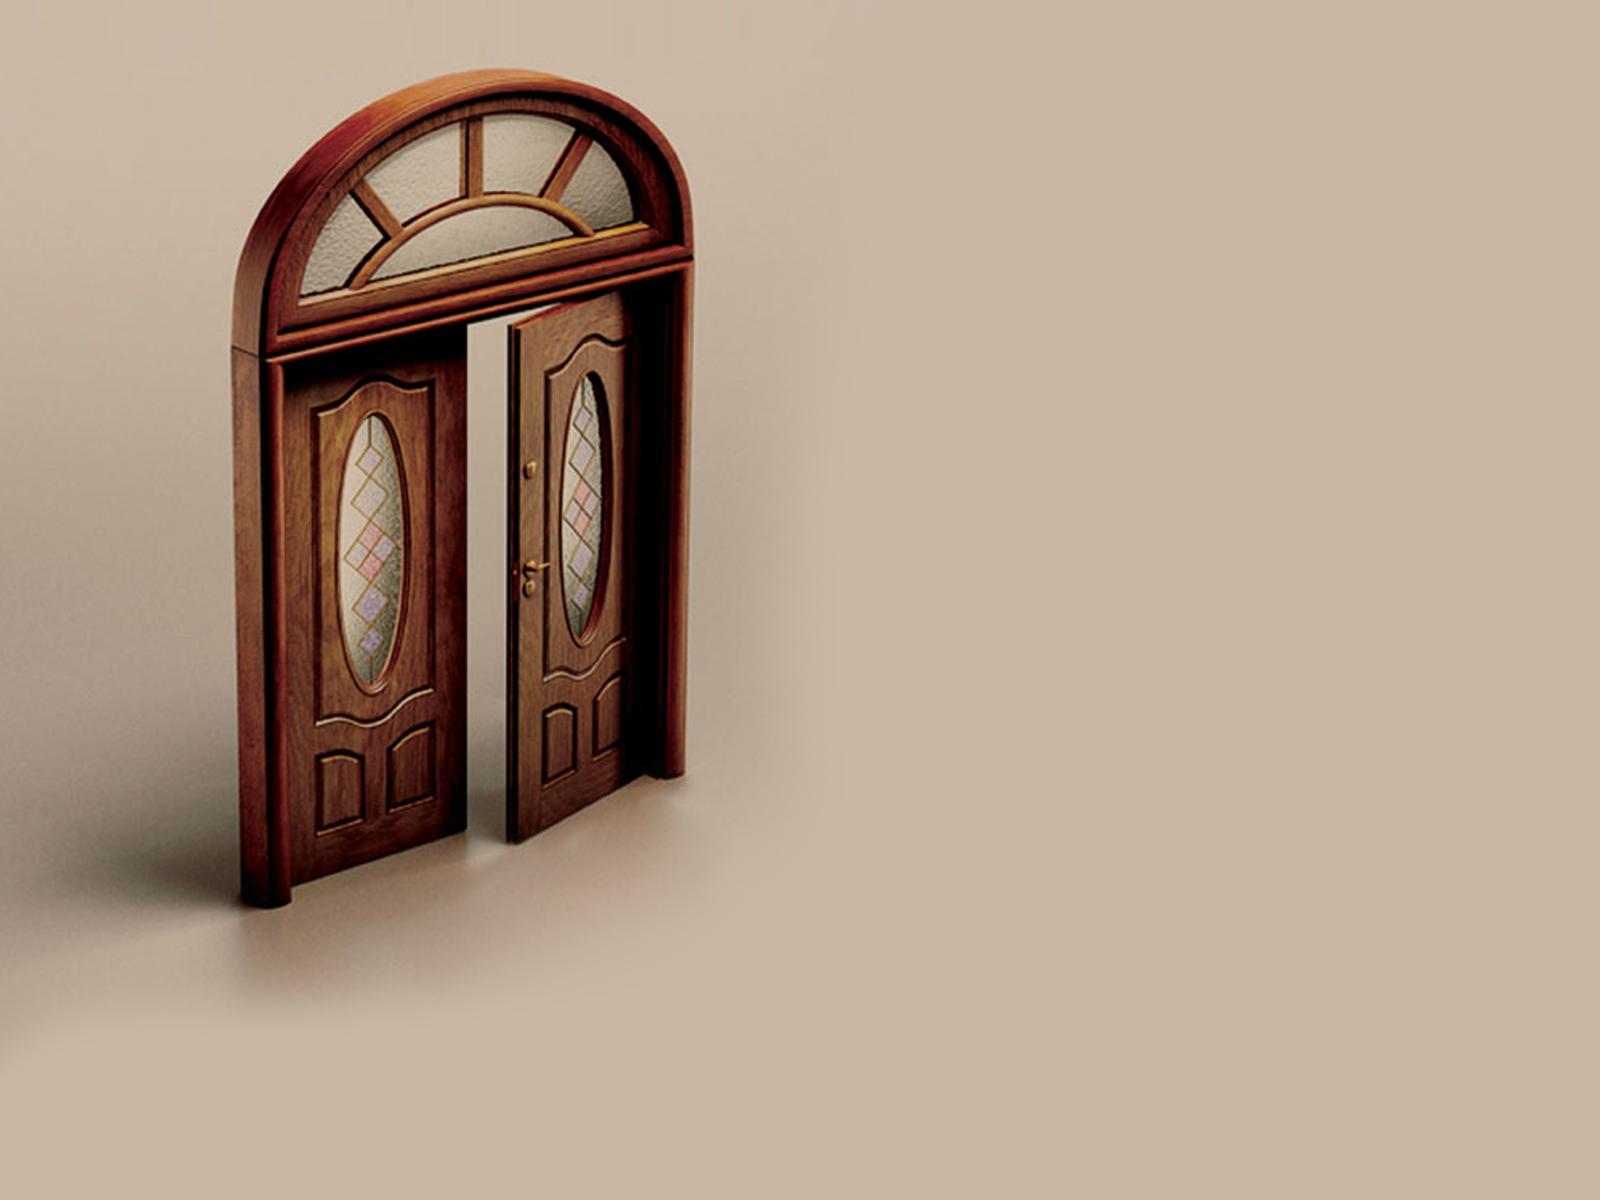 Nasze drzwi są zawsze otwarte…